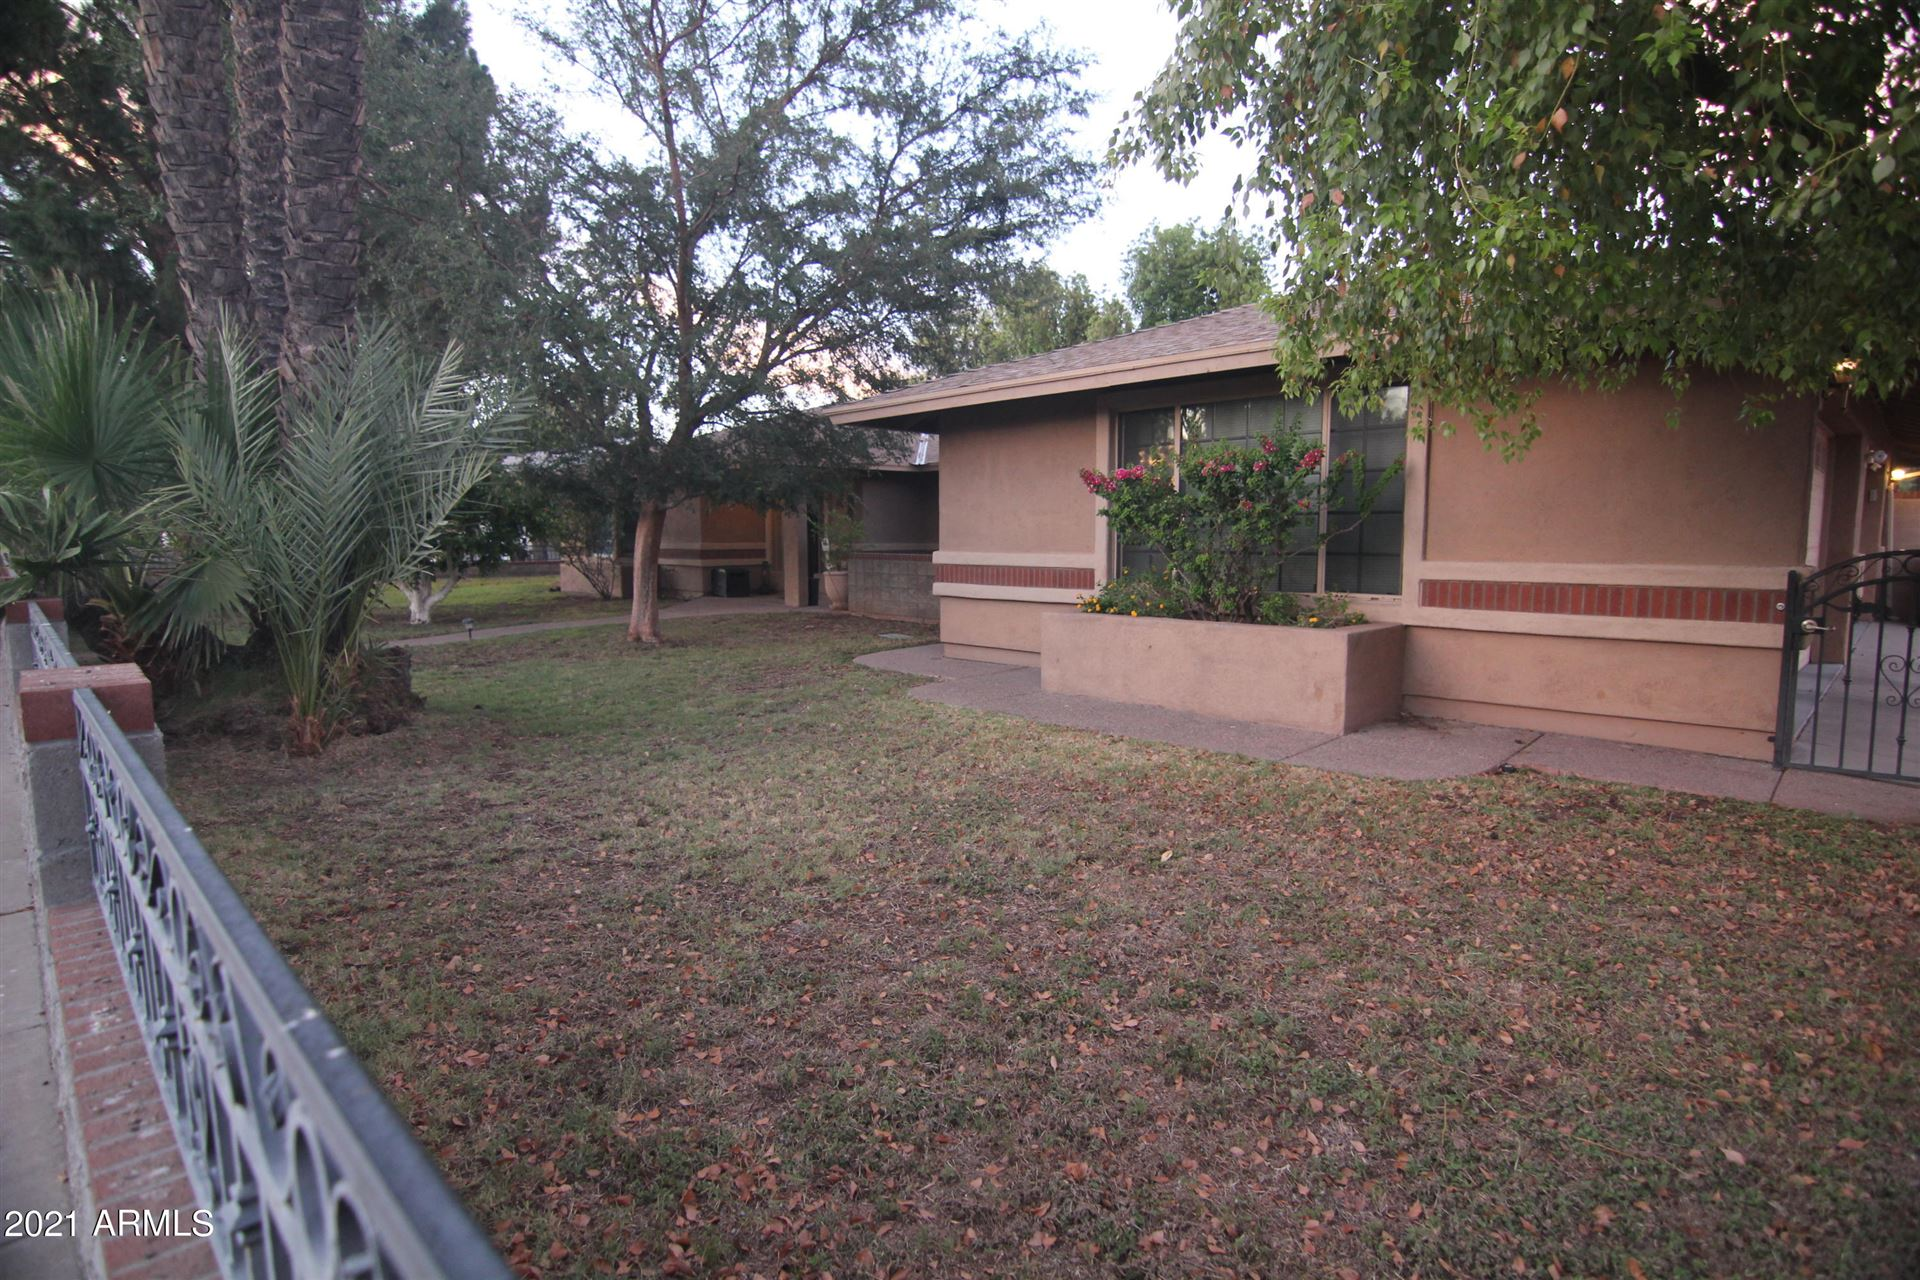 Photo of 6127 N 17TH Street, Phoenix, AZ 85016 (MLS # 6245167)